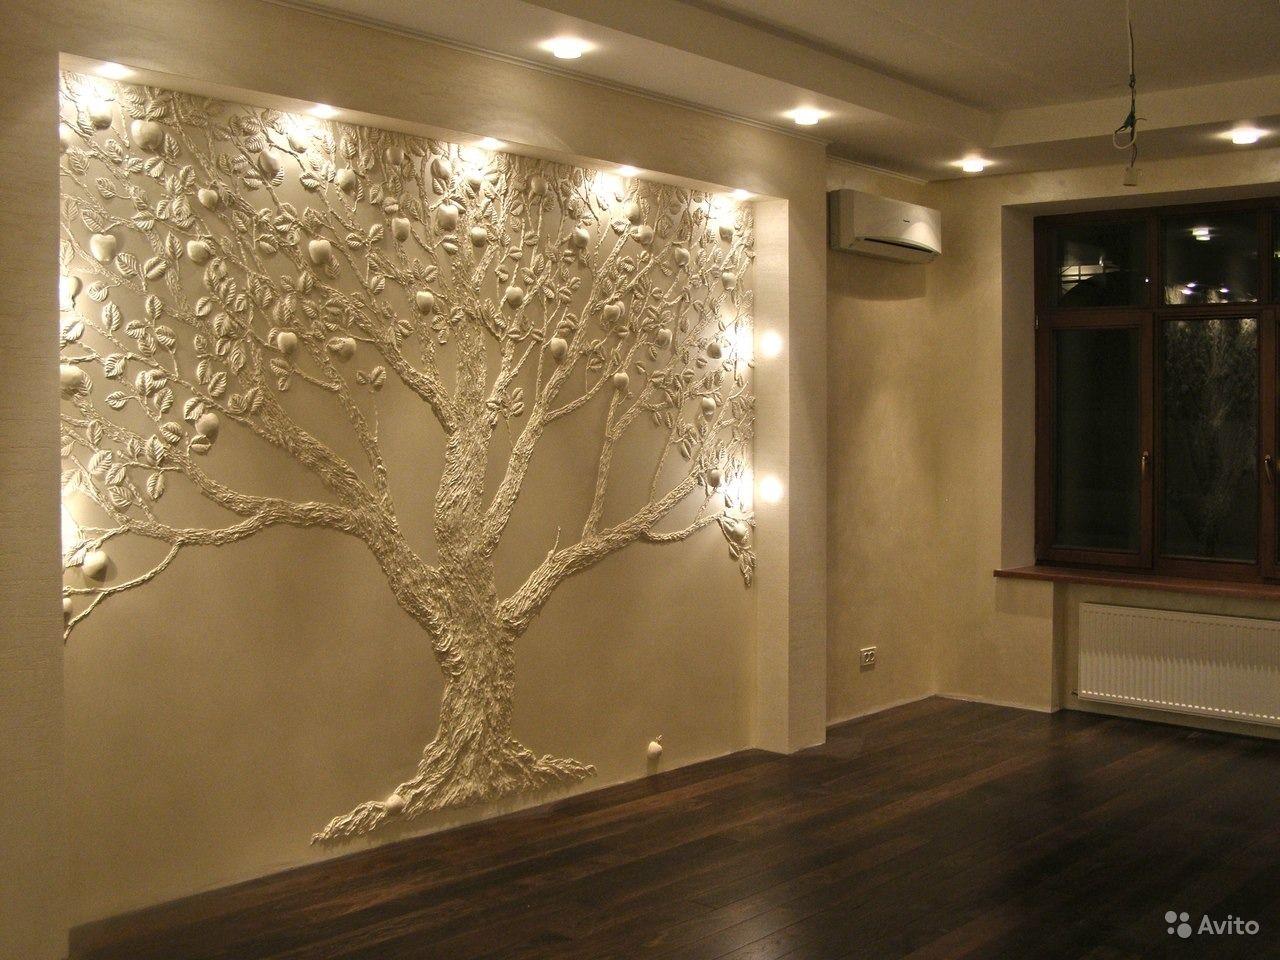 условиях повышенной декоративная подсветка стен и фотообои термобелье подходит для